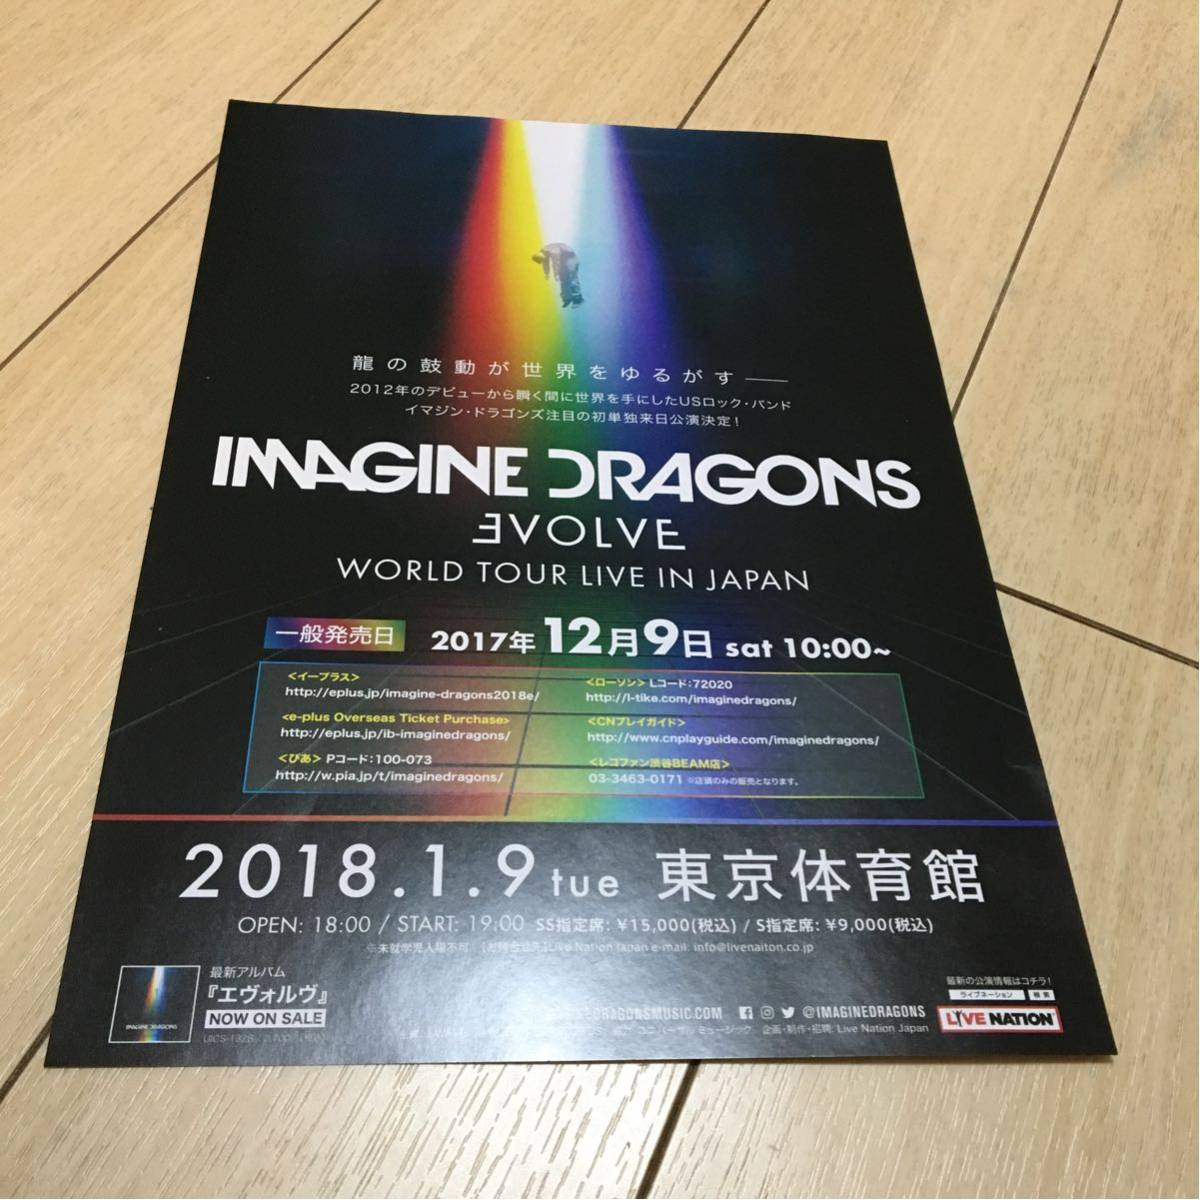 イマジン・ドラゴンズ imagine dragons 2018 来日 ライブ 告知 チラシ 東京 東京体育館 world tour live in japan